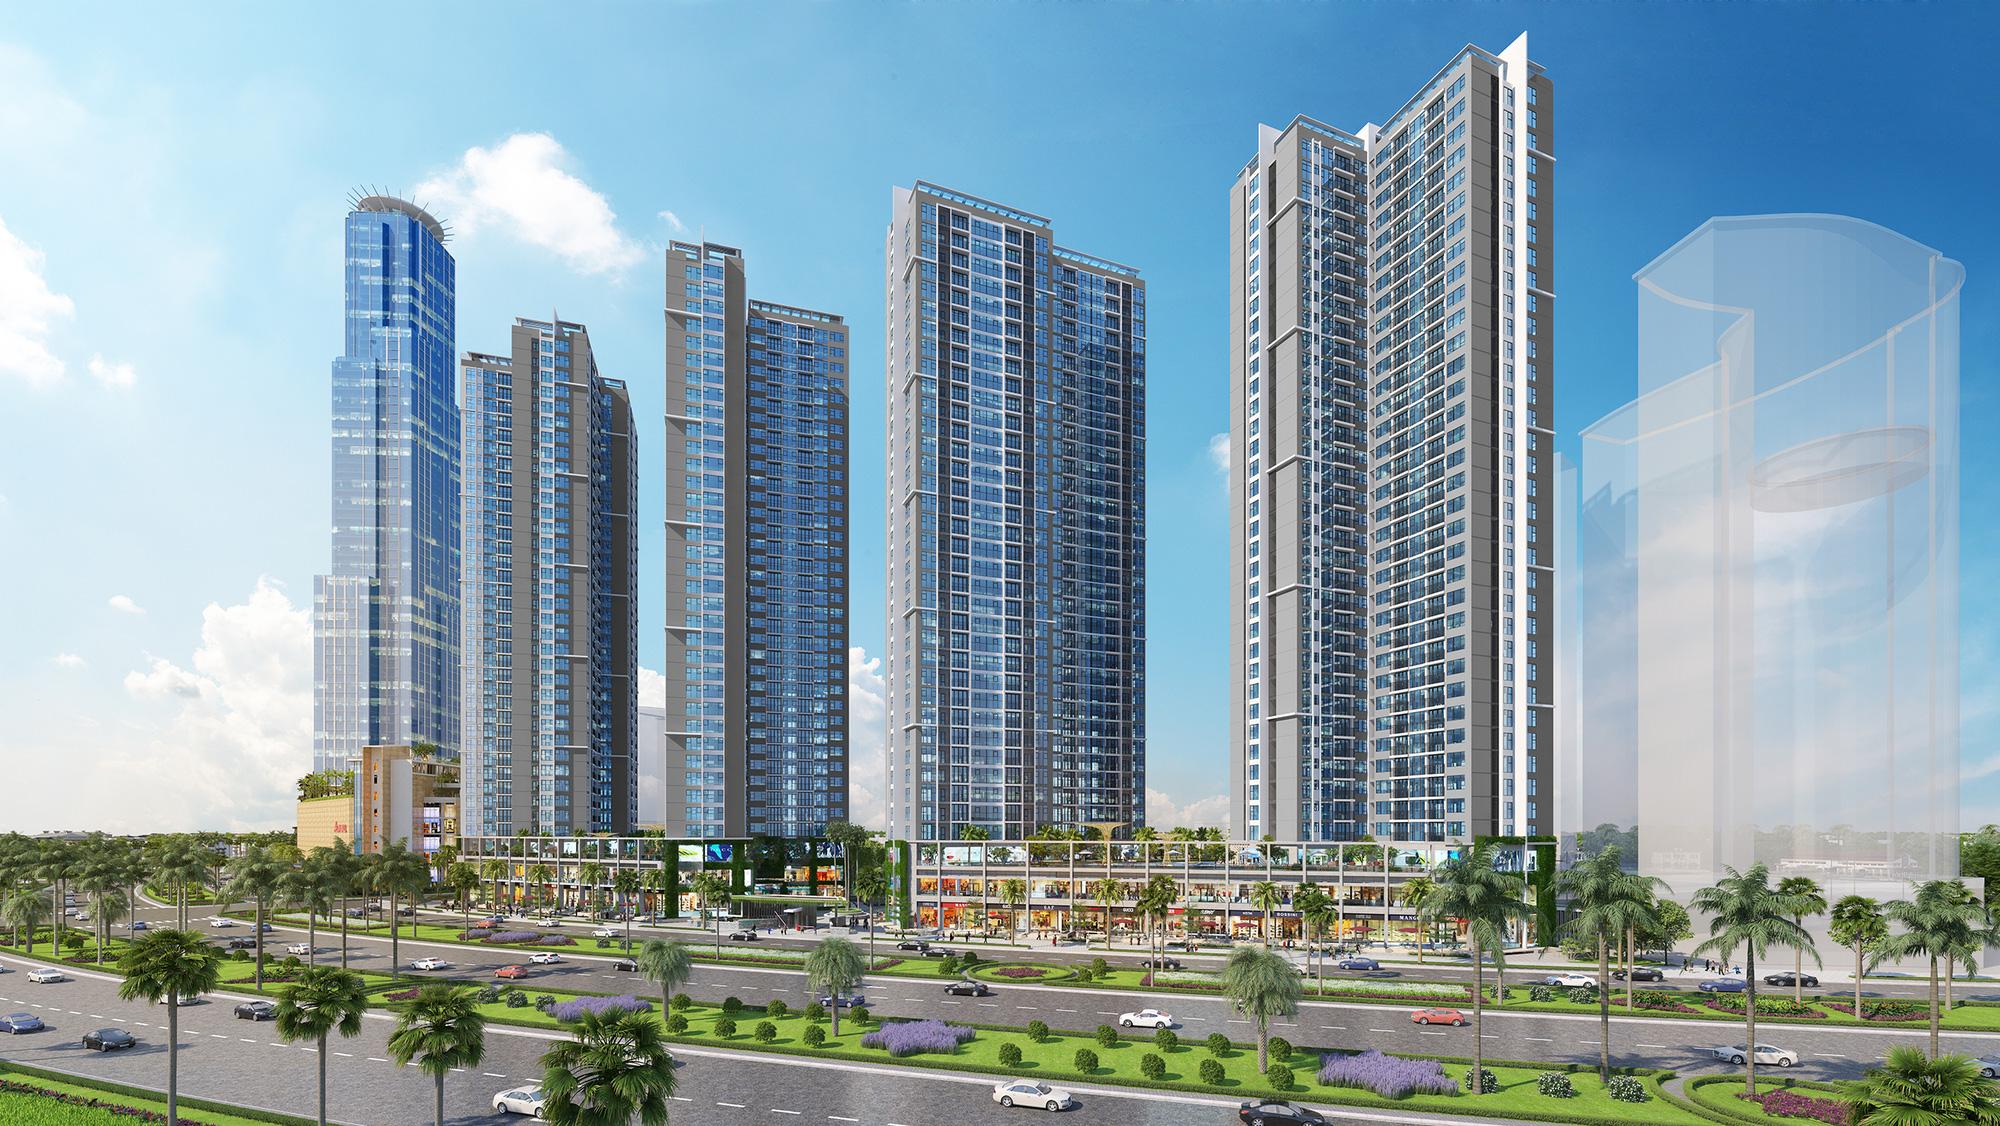 """Xuân Mai Sài Gòn với hành trình """"Nam tiến"""" trở thành nhà phát triển bất động sản chuyên nghiệp - Ảnh 14."""